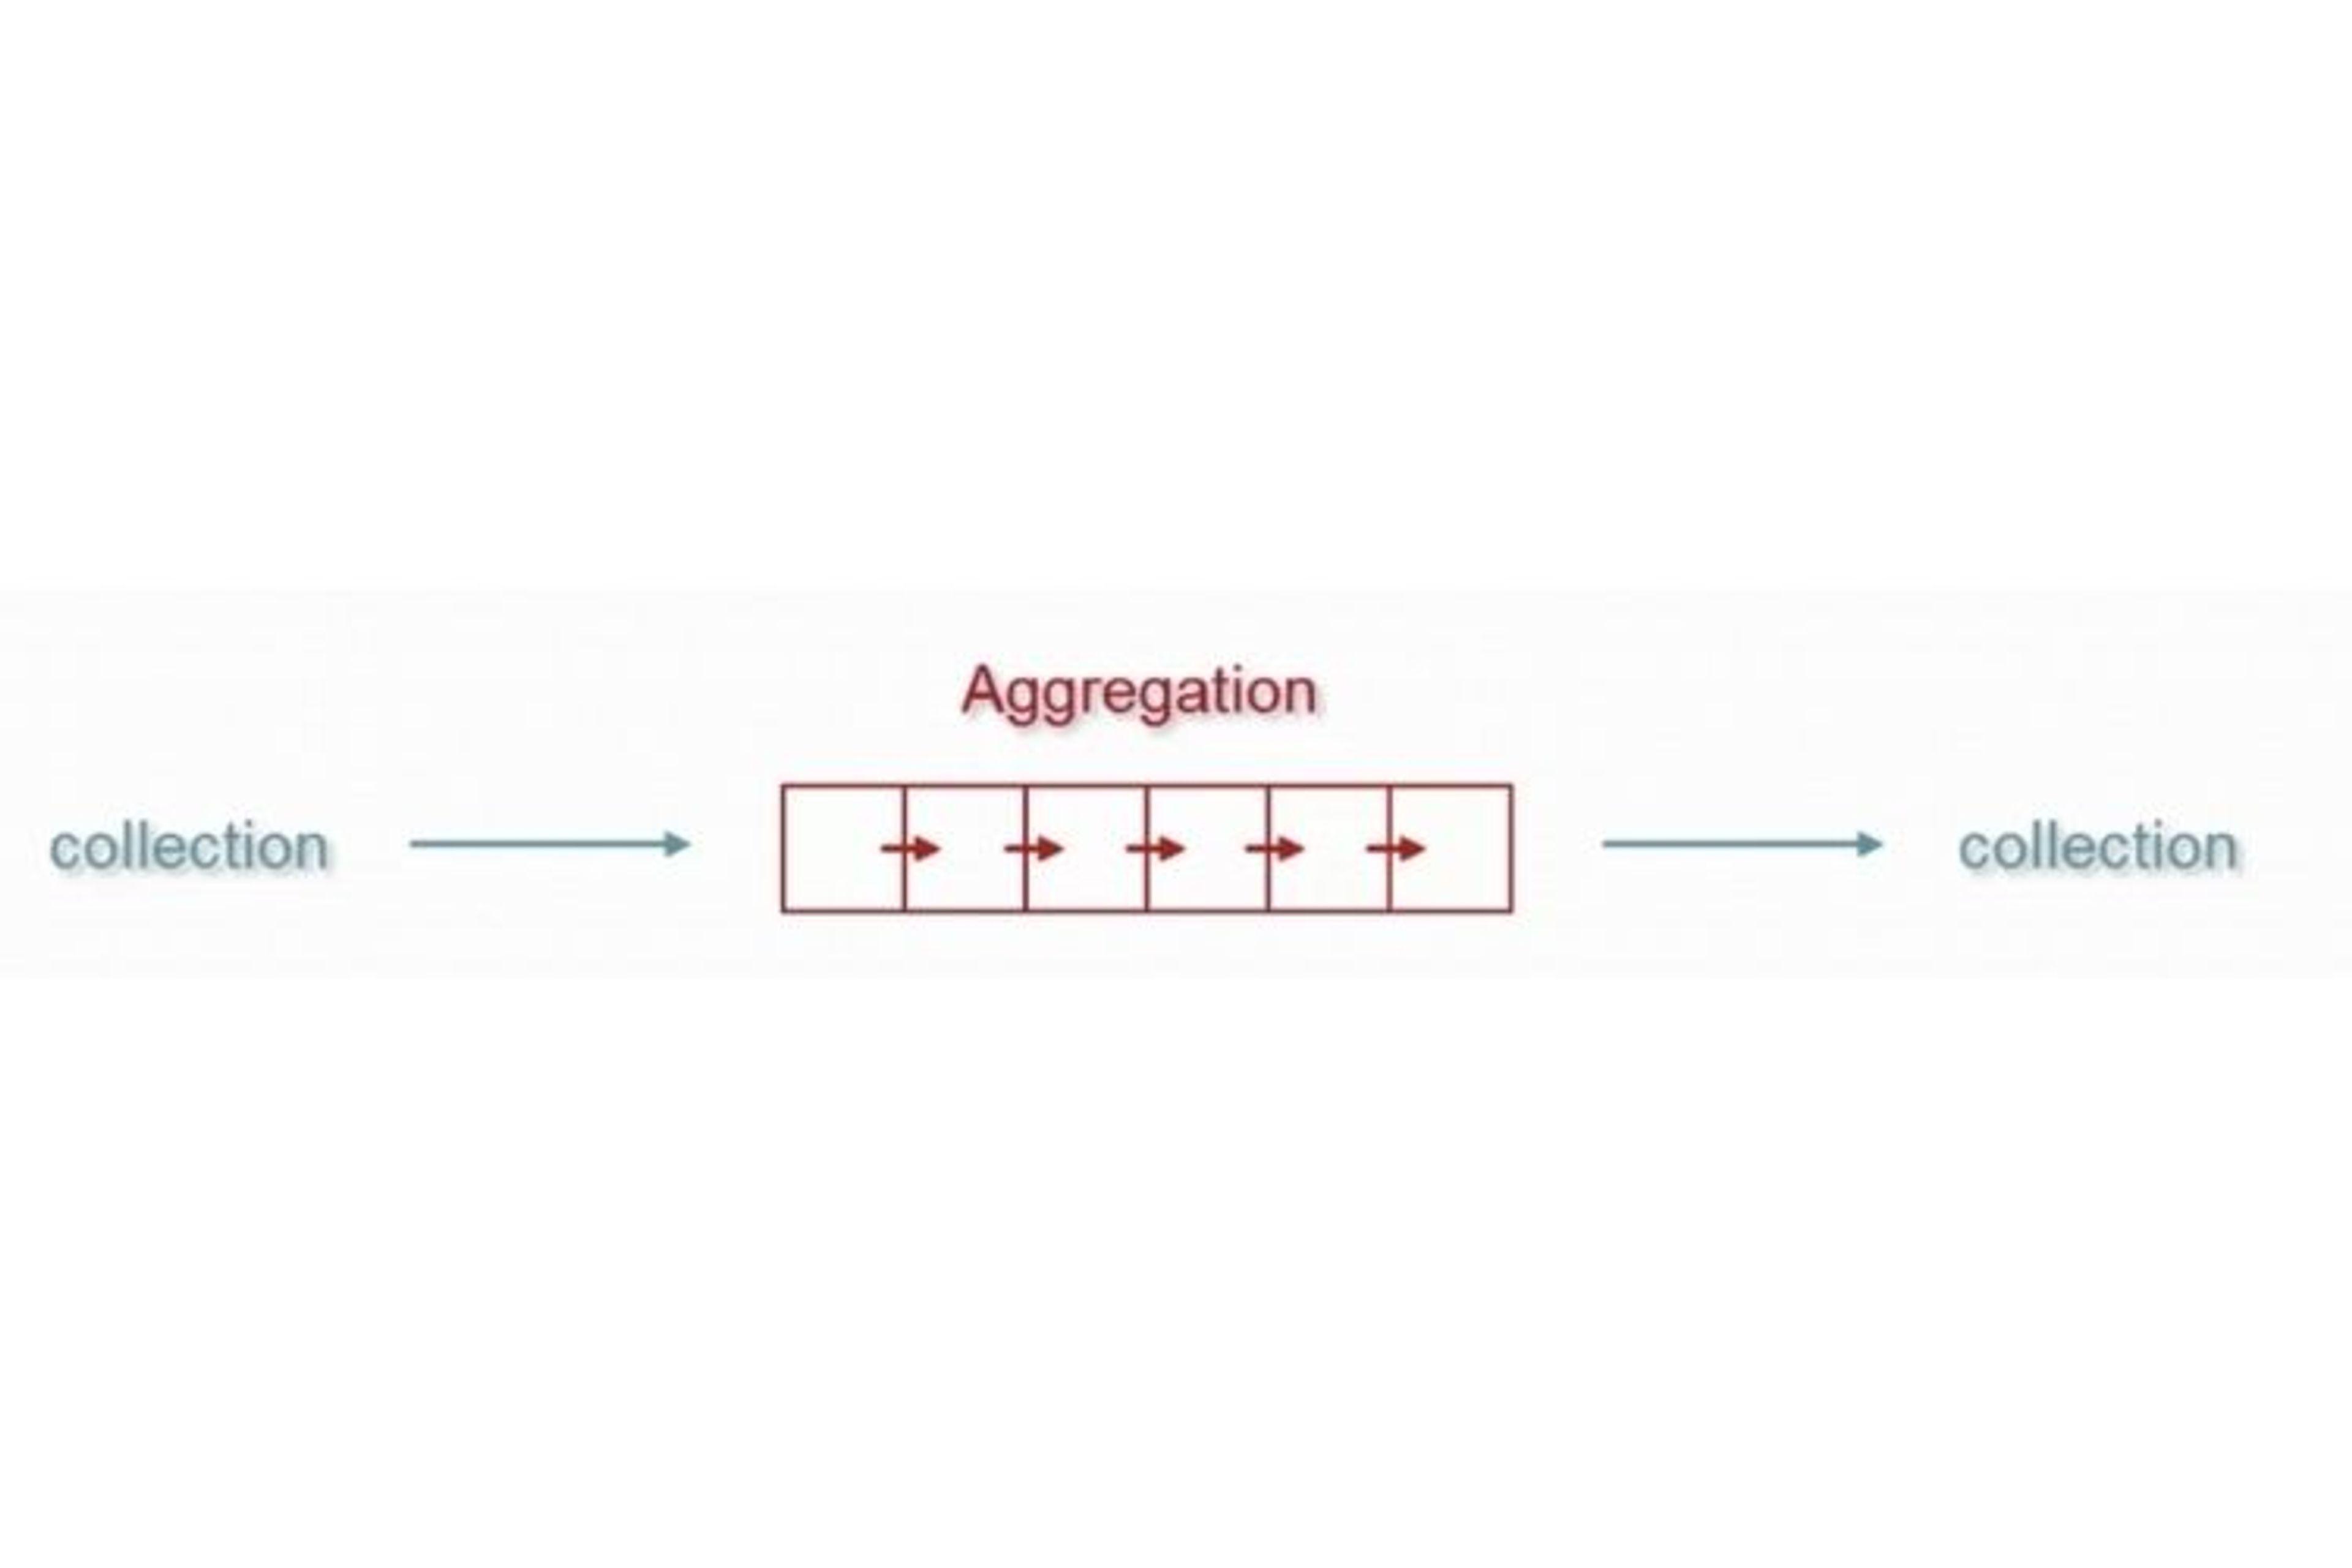 exemple d'un pipeline d'aggregation mongo